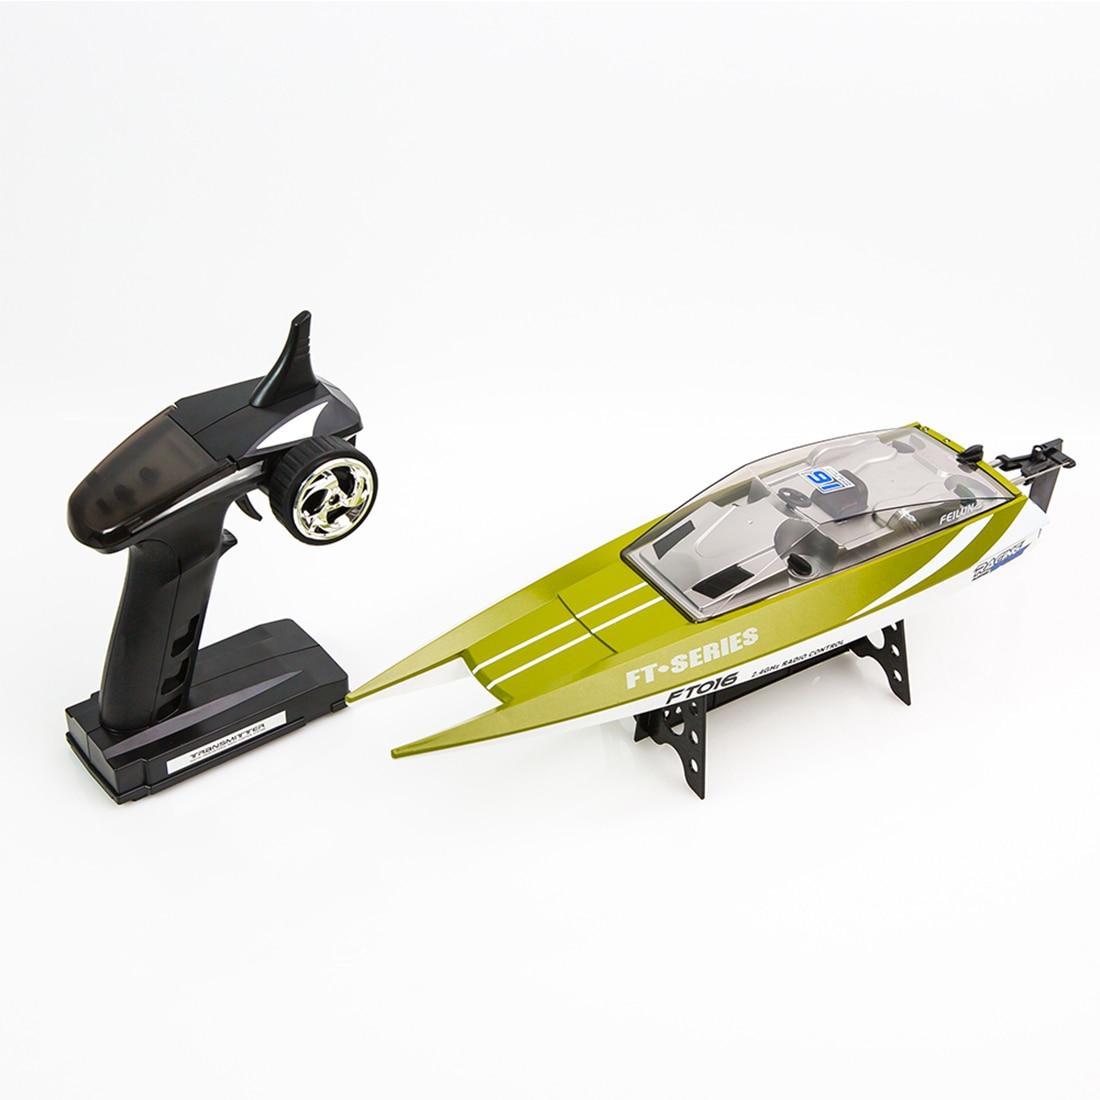 Nouveau RC bateaux Feilun FT016 2.4G télécommande hors-bord RC bateau jouet pour enfants enfants développement précoce jouet cadeau de noël